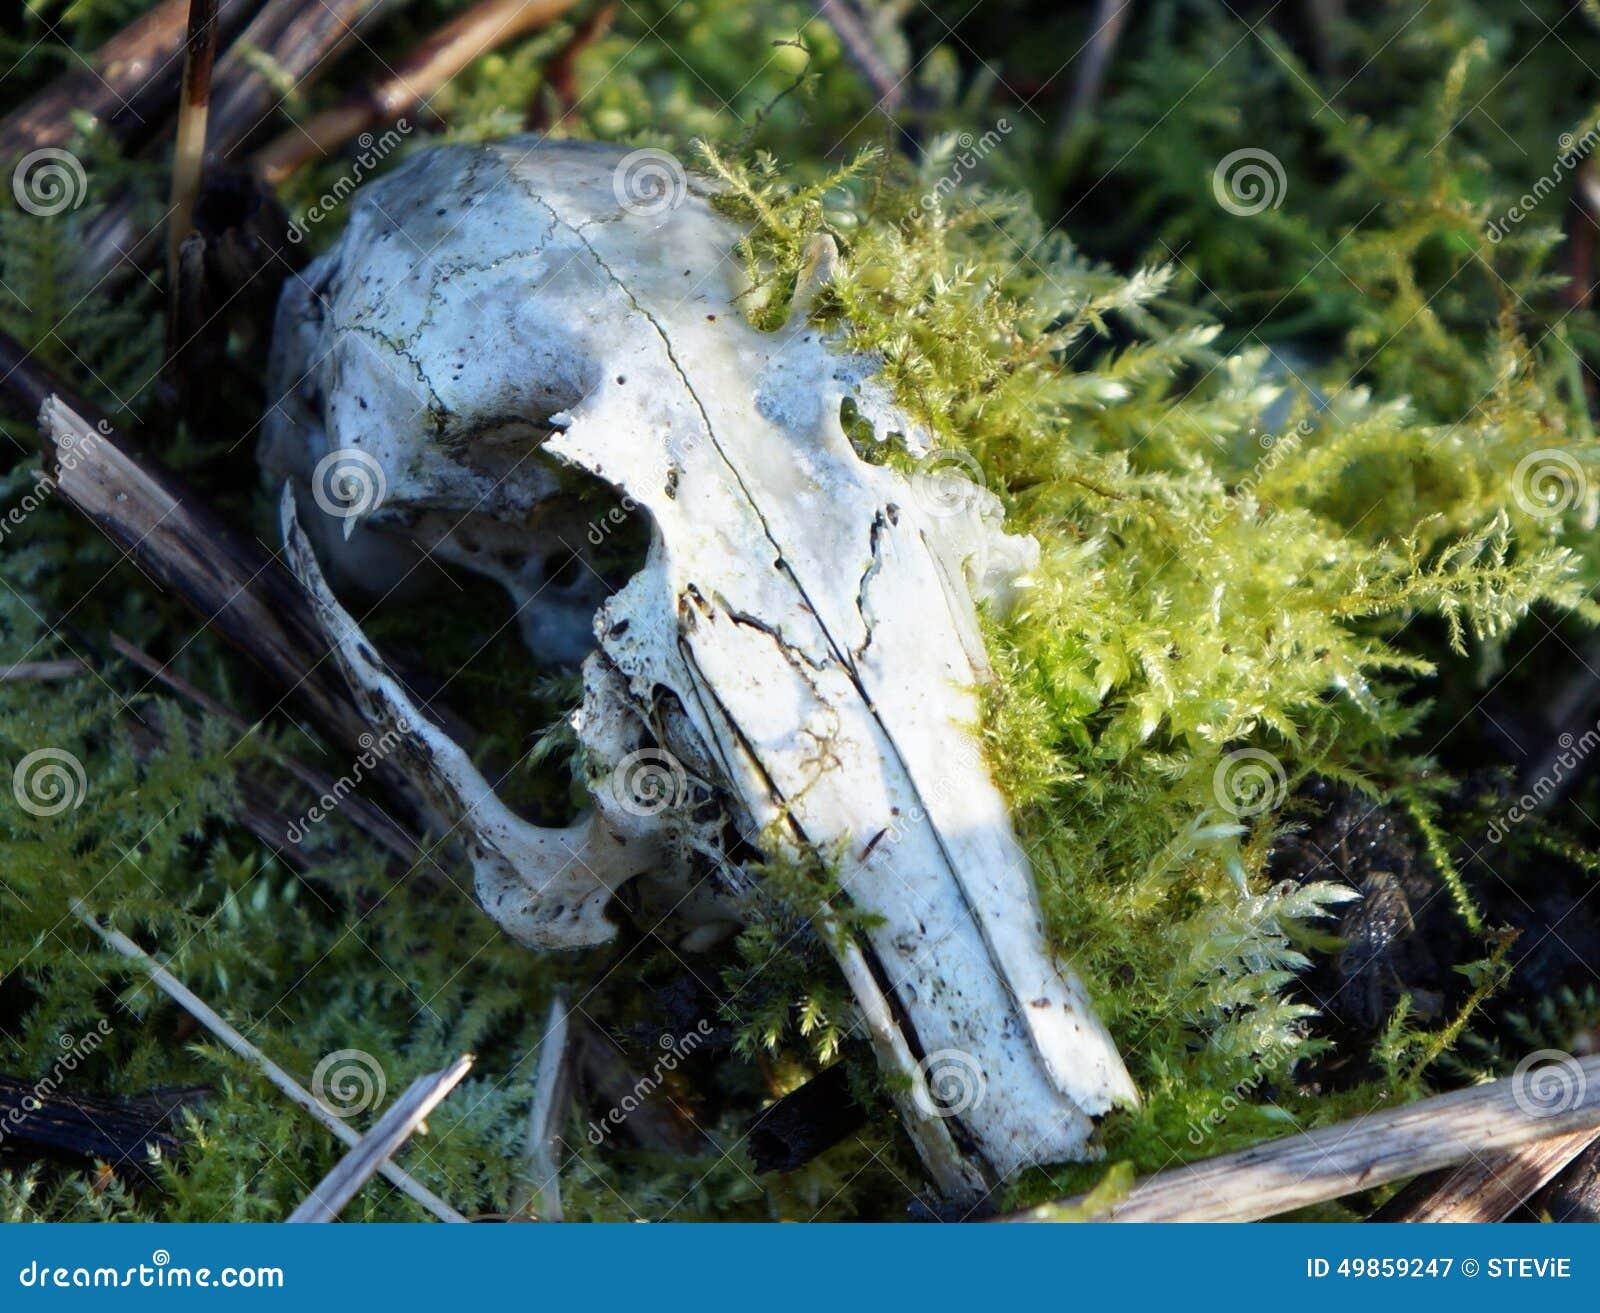 Cráneo del conejo invadido por el musgo